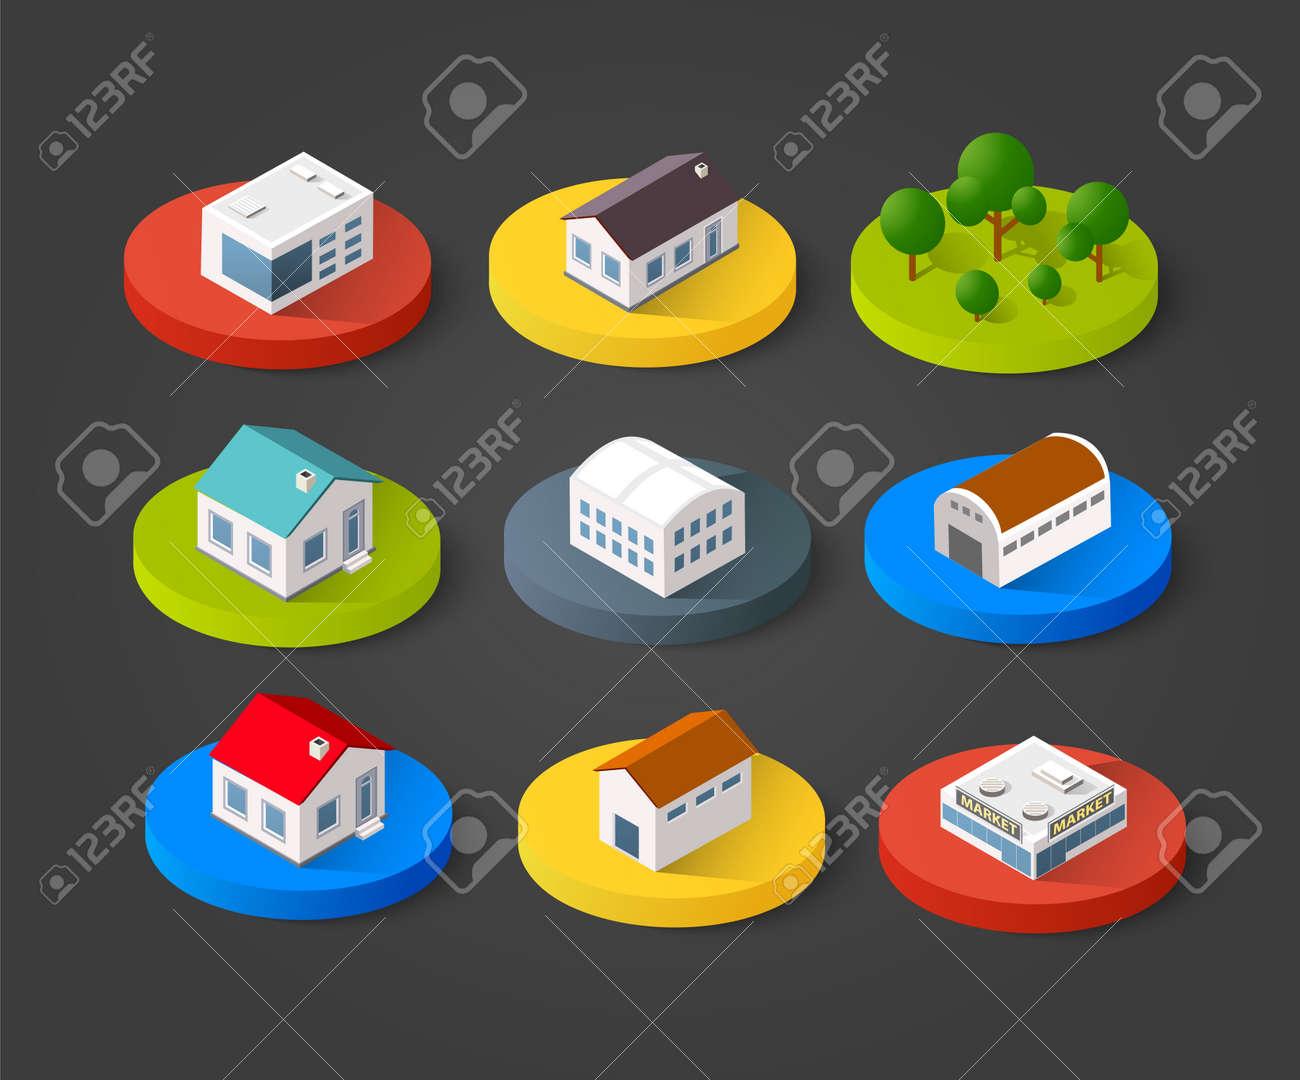 Conjunto de iconos isométrica 3D casa casero. Residencia de la construcción del paisaje de la ciudad en tres dimensiones concepto símbolo vector Foto de archivo - 68977235